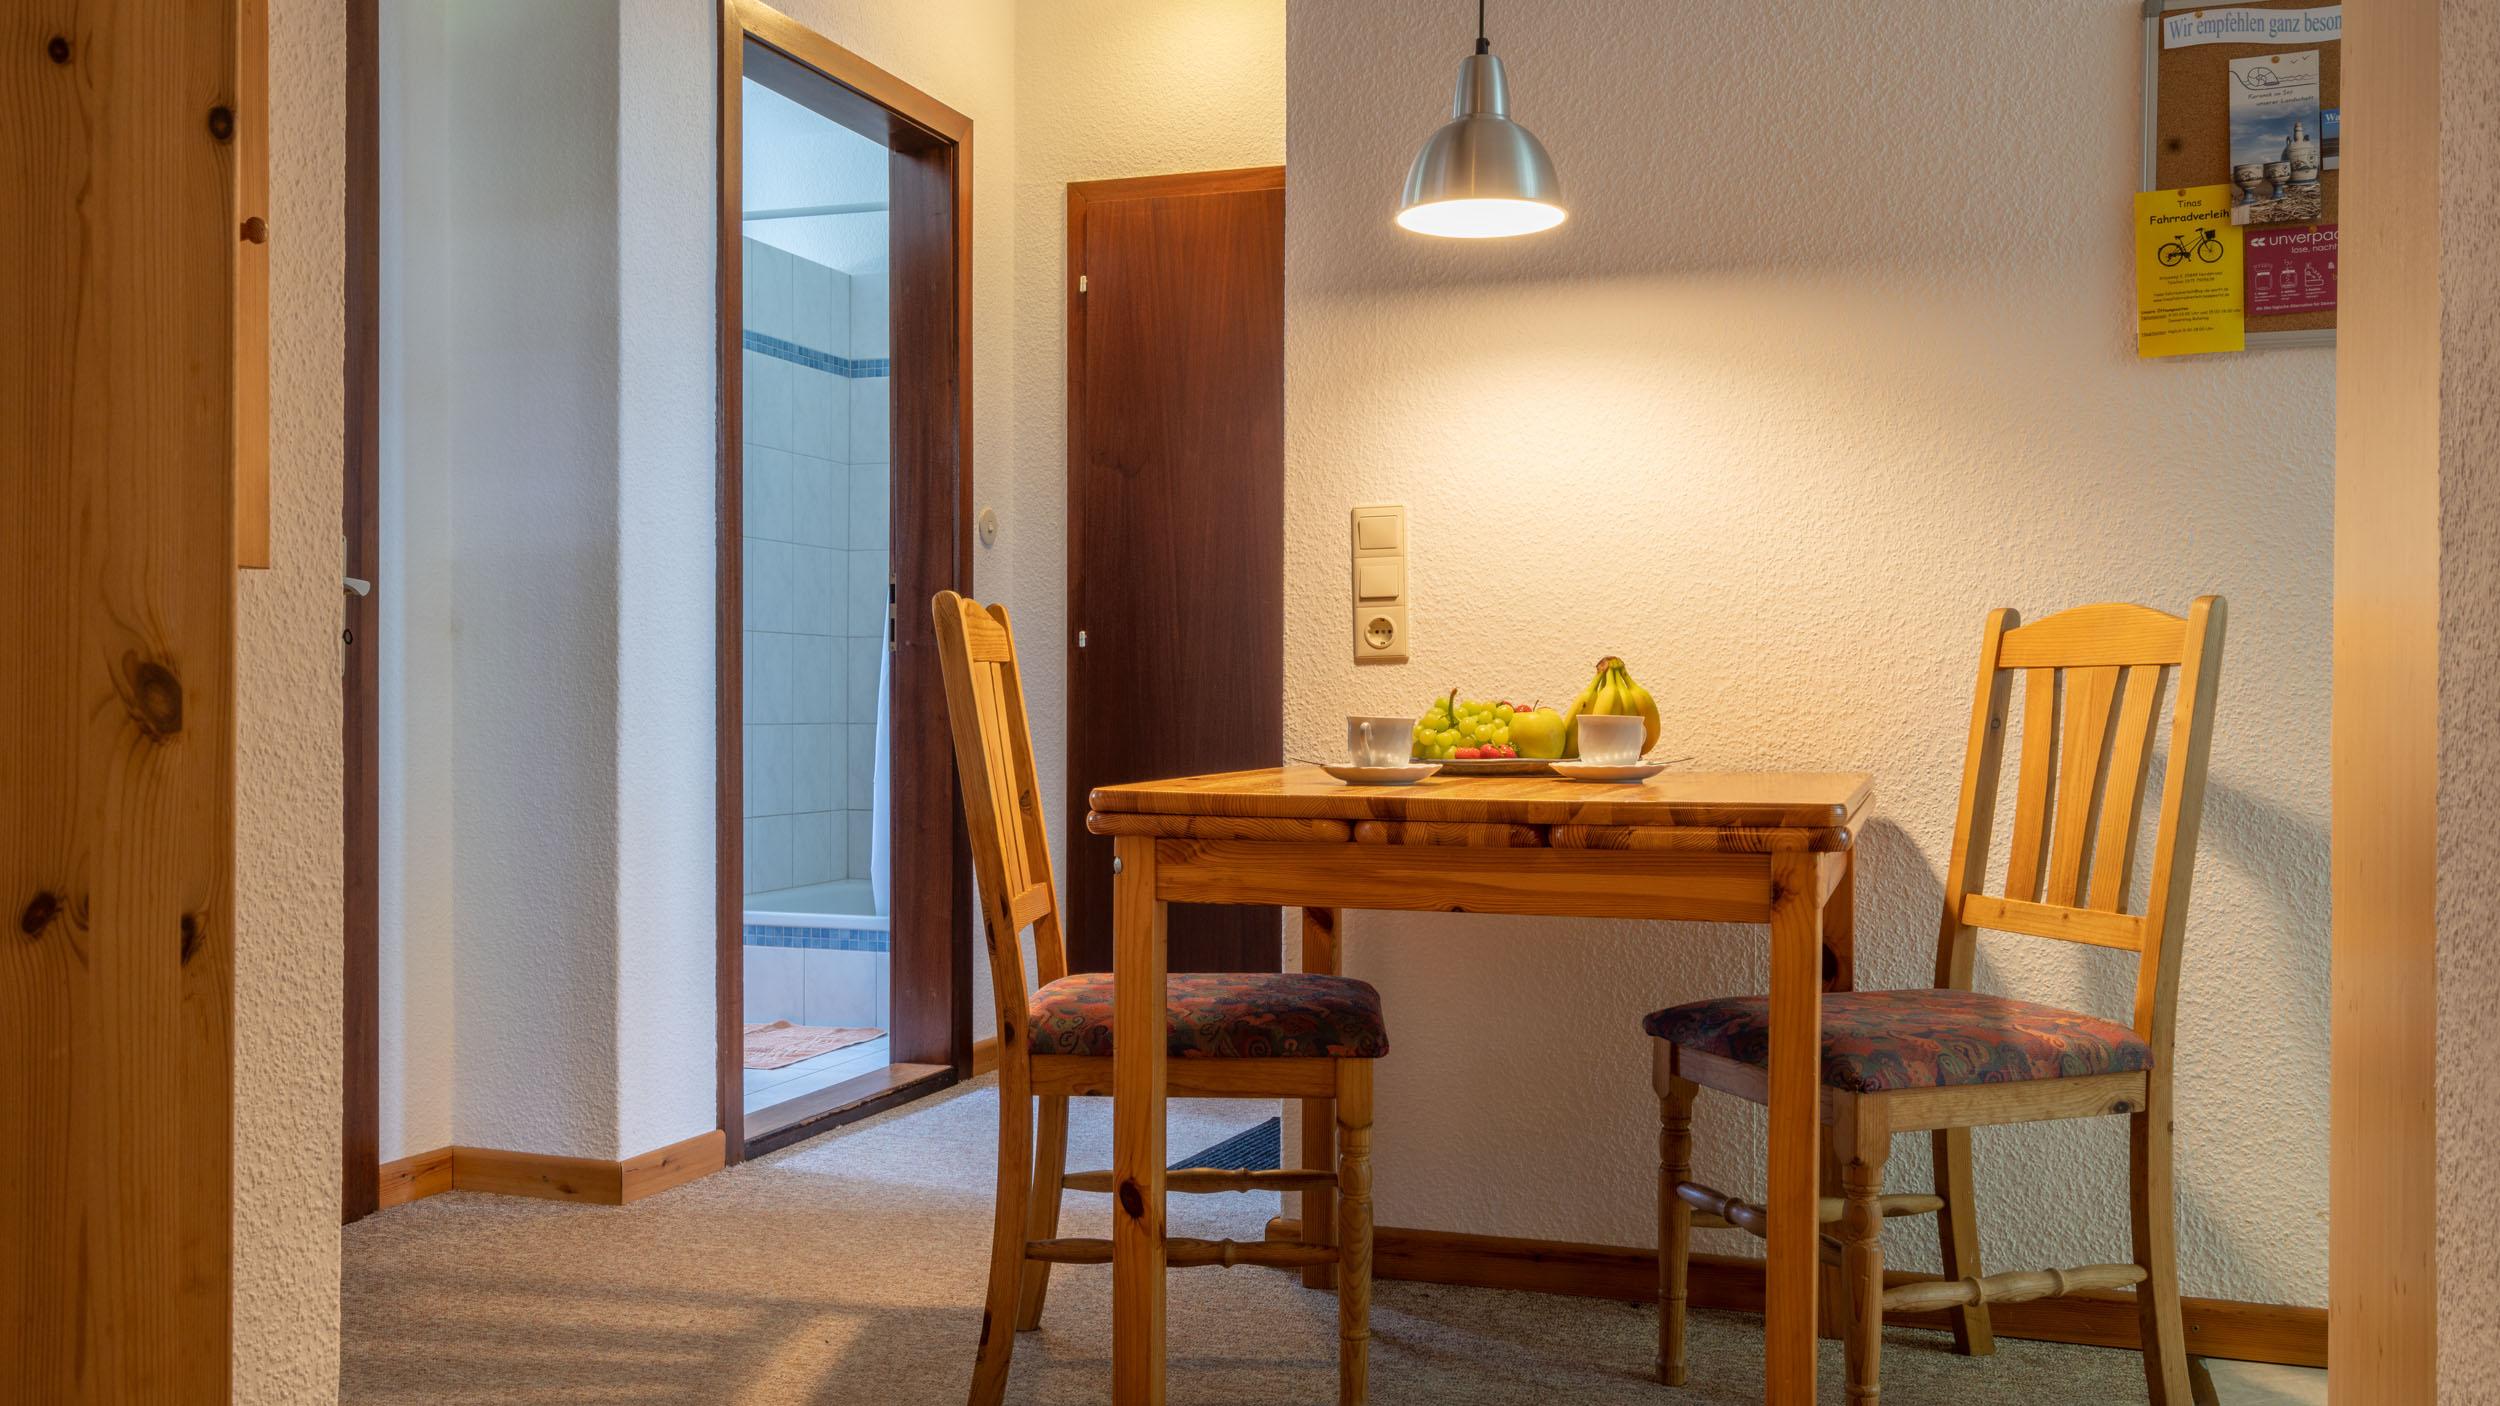 Haus Vogelkiek - Ferienwohnung Eiderente - Essecke und Flur